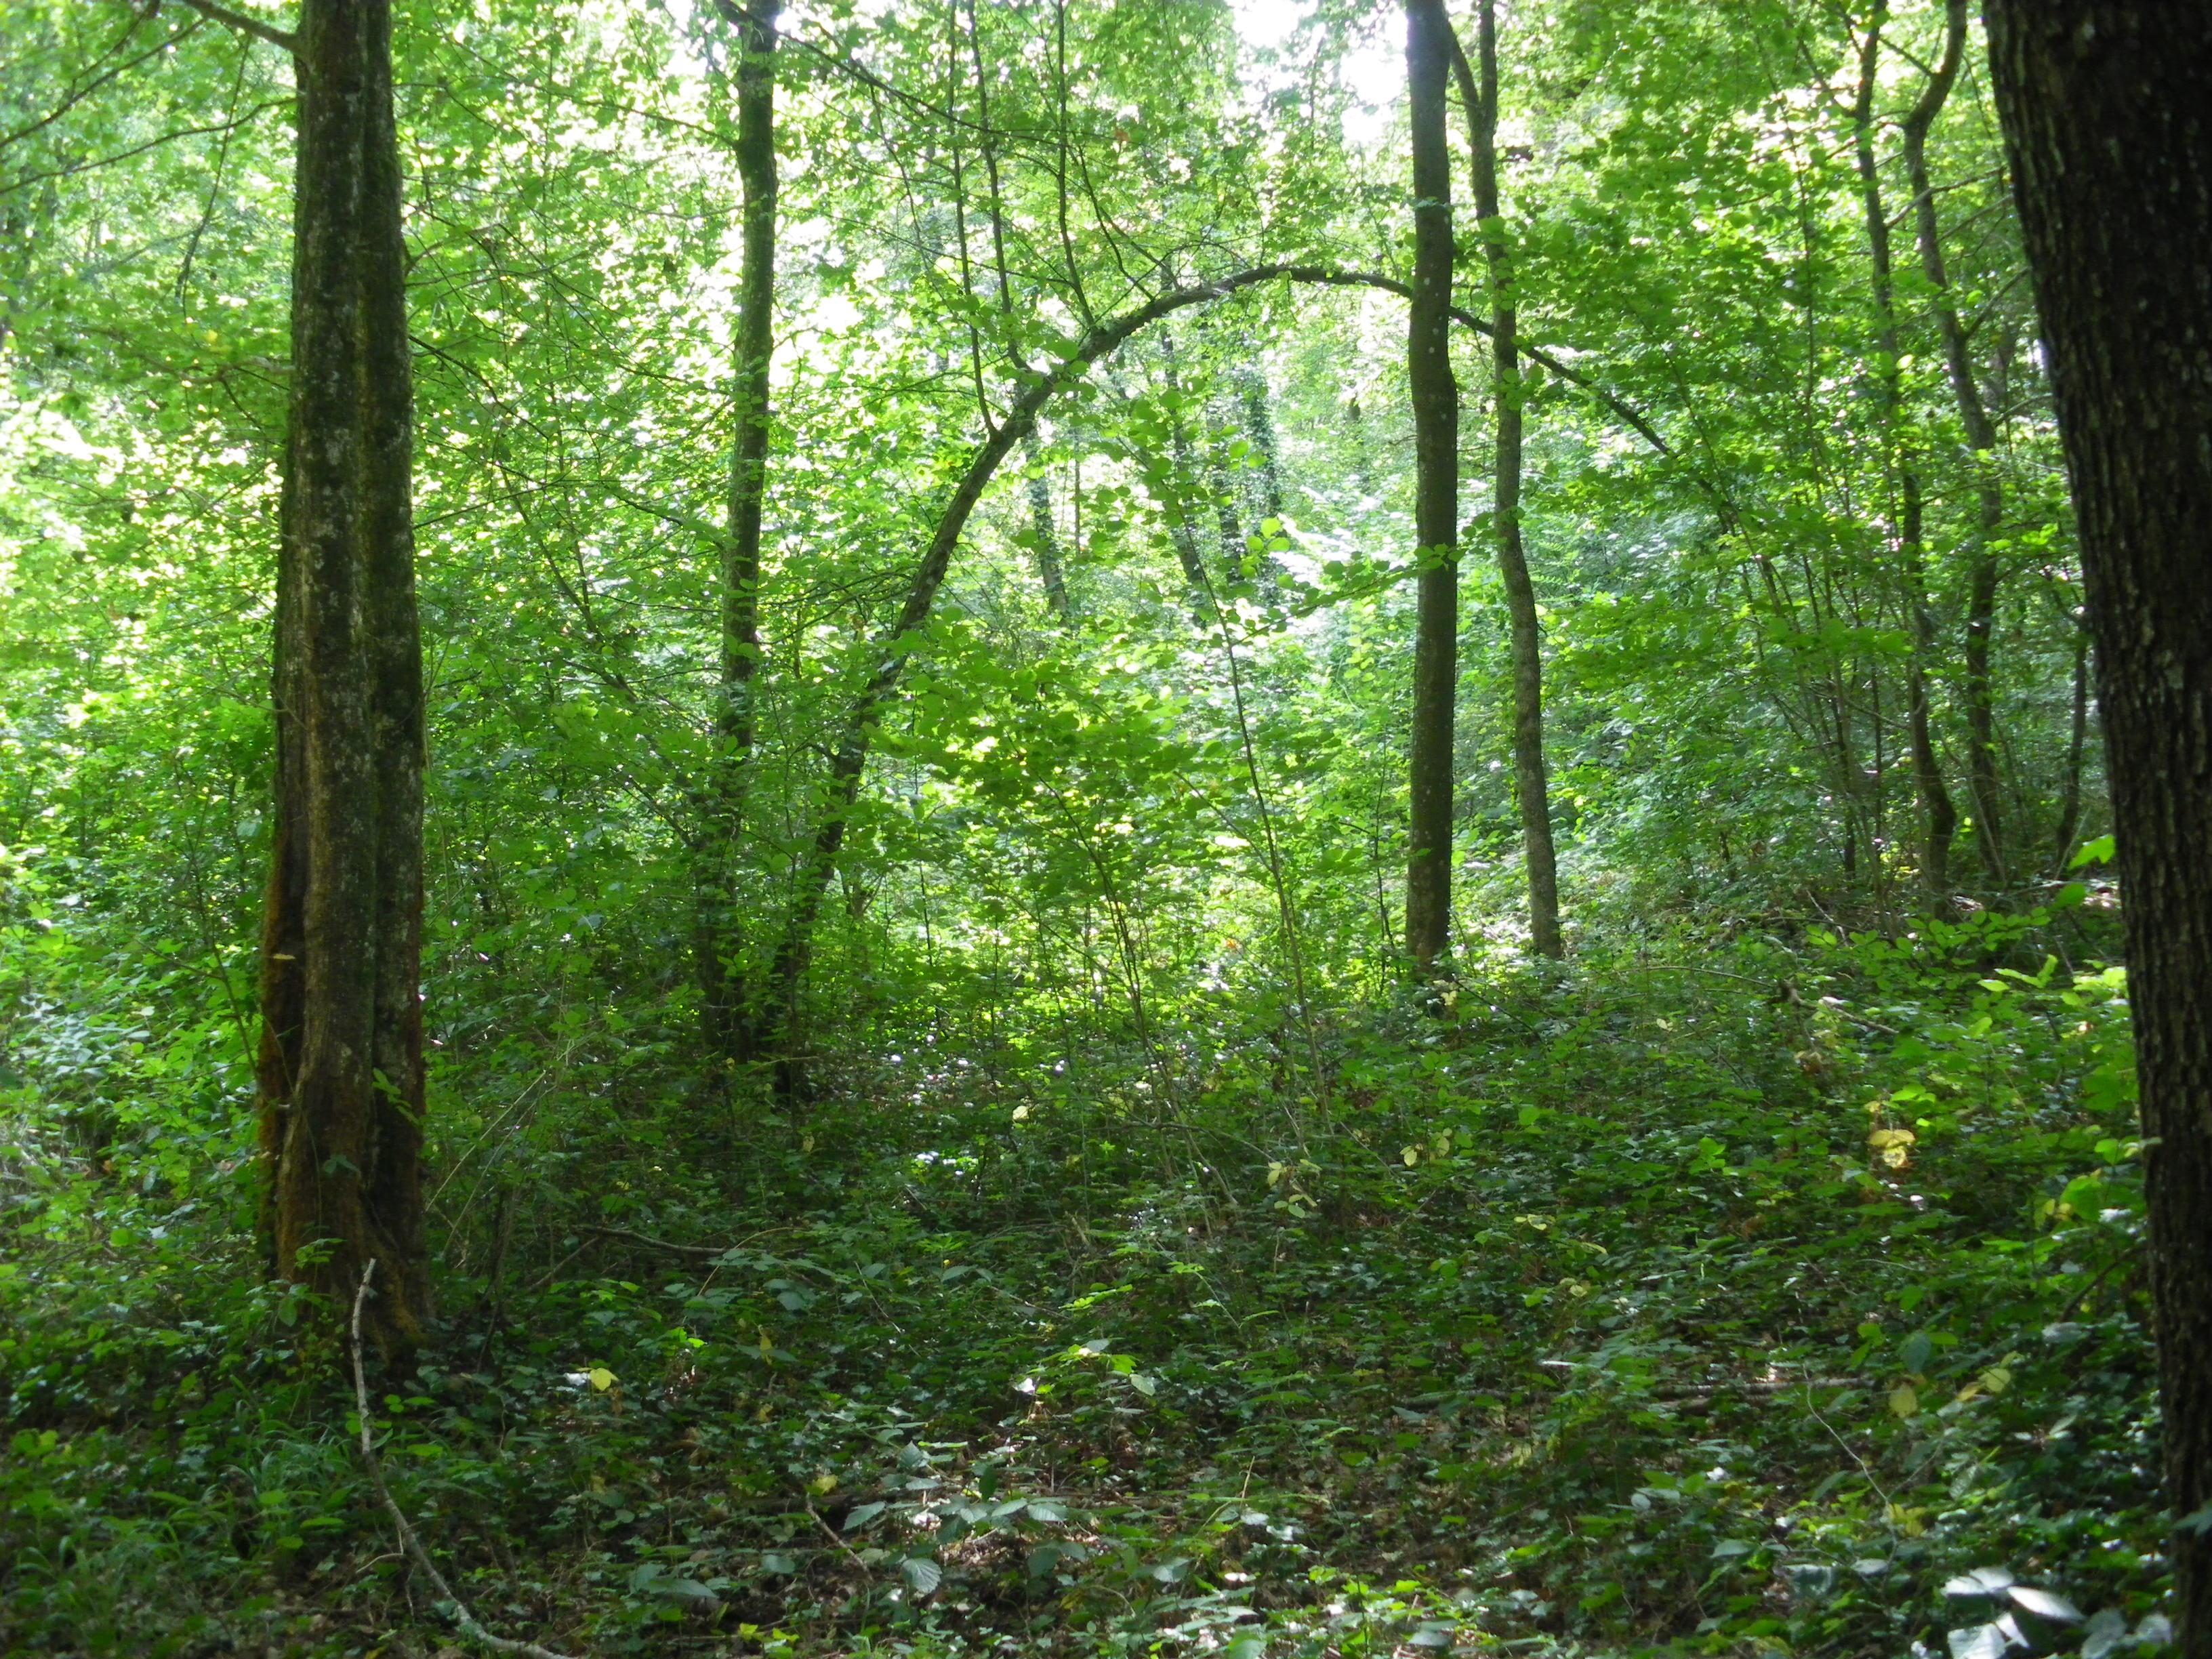 Fichier Sous Bois De La For T De Bannoncourt Jpg Wikip Dia